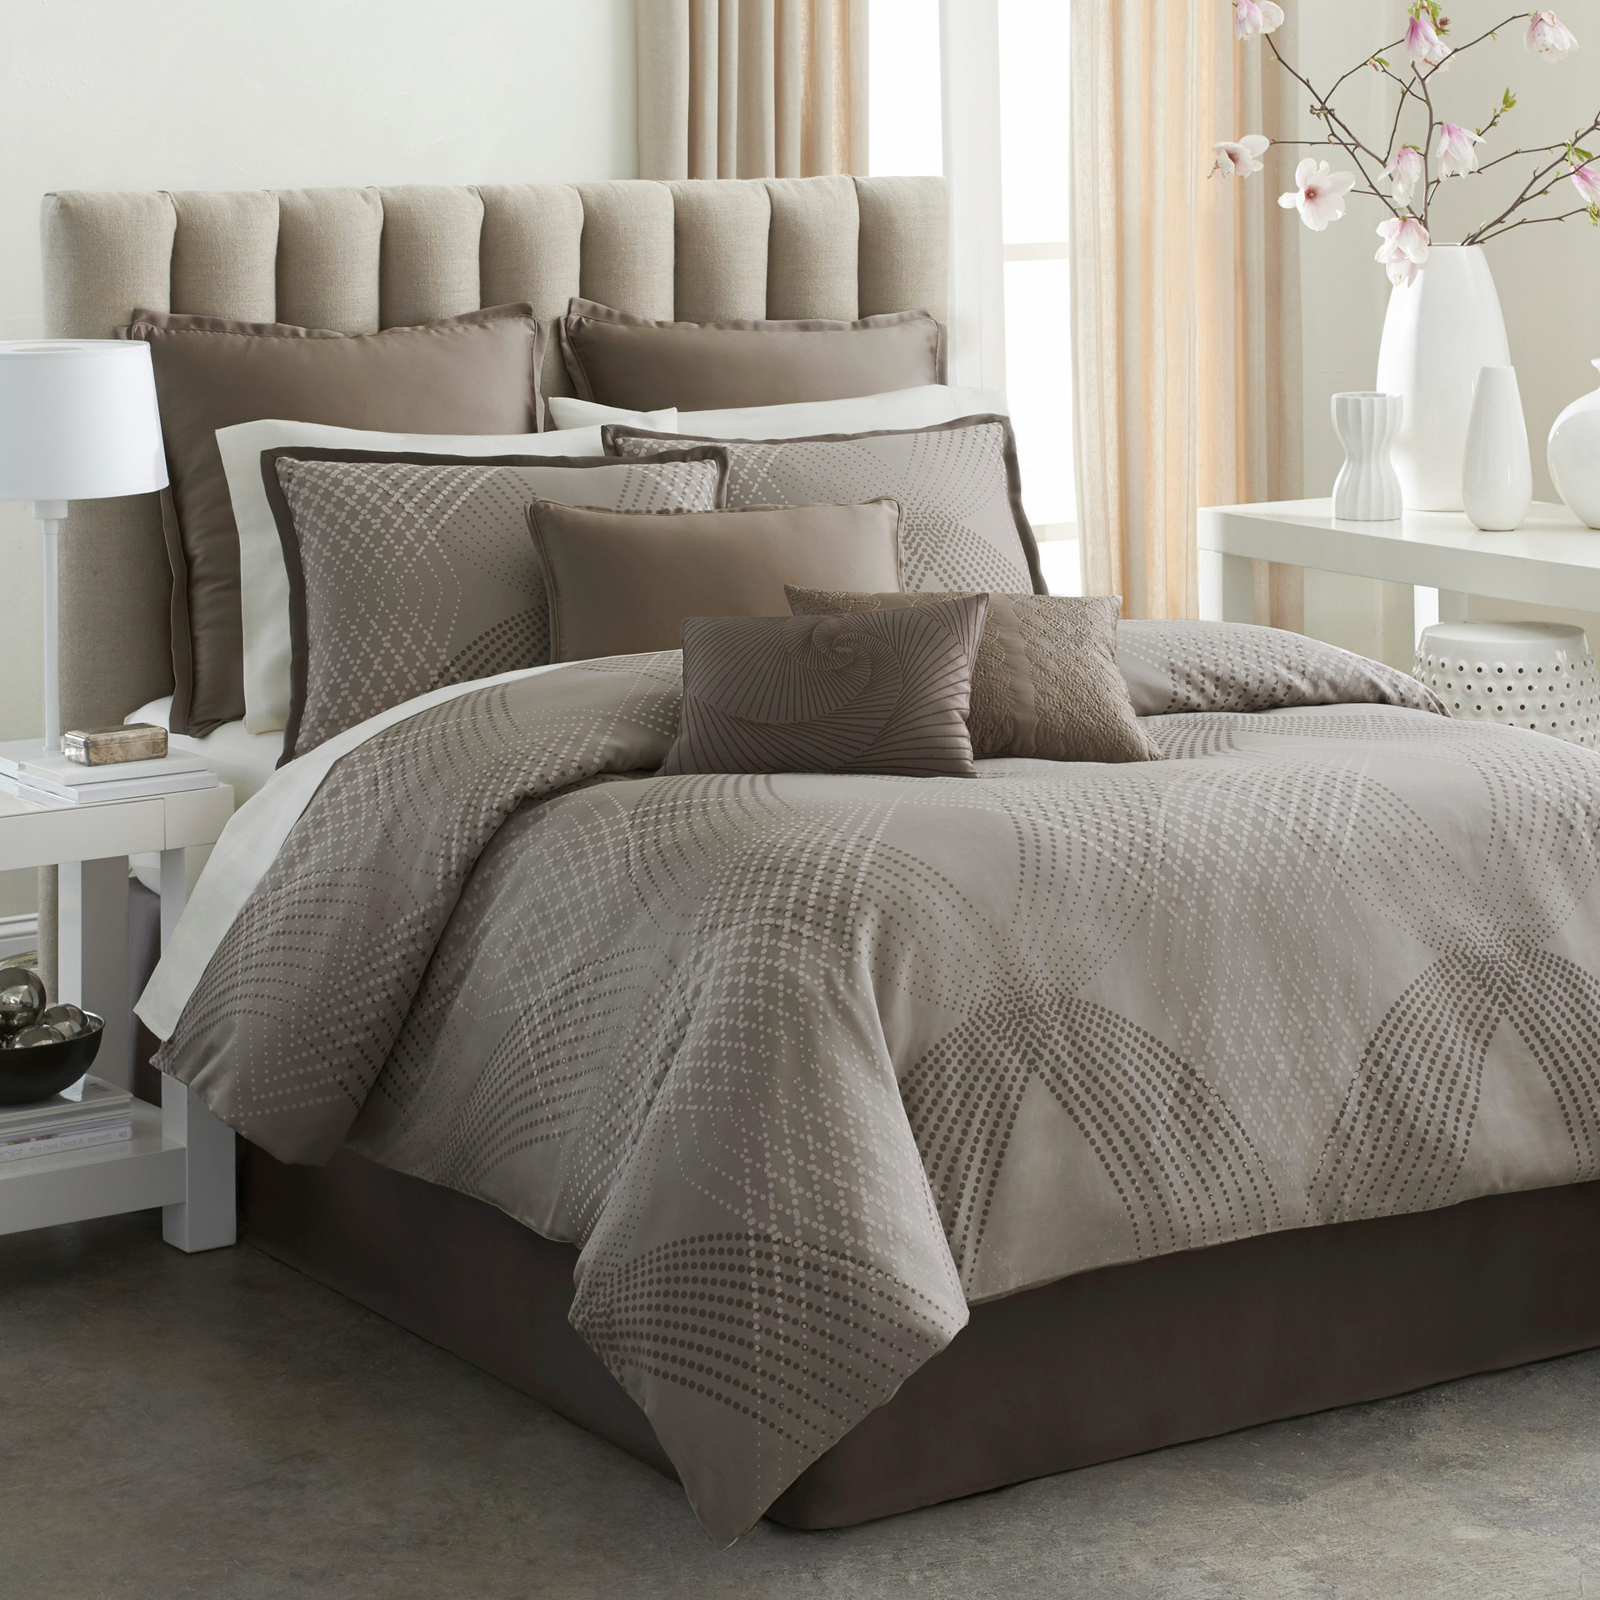 modern queen comforter sets ideas on